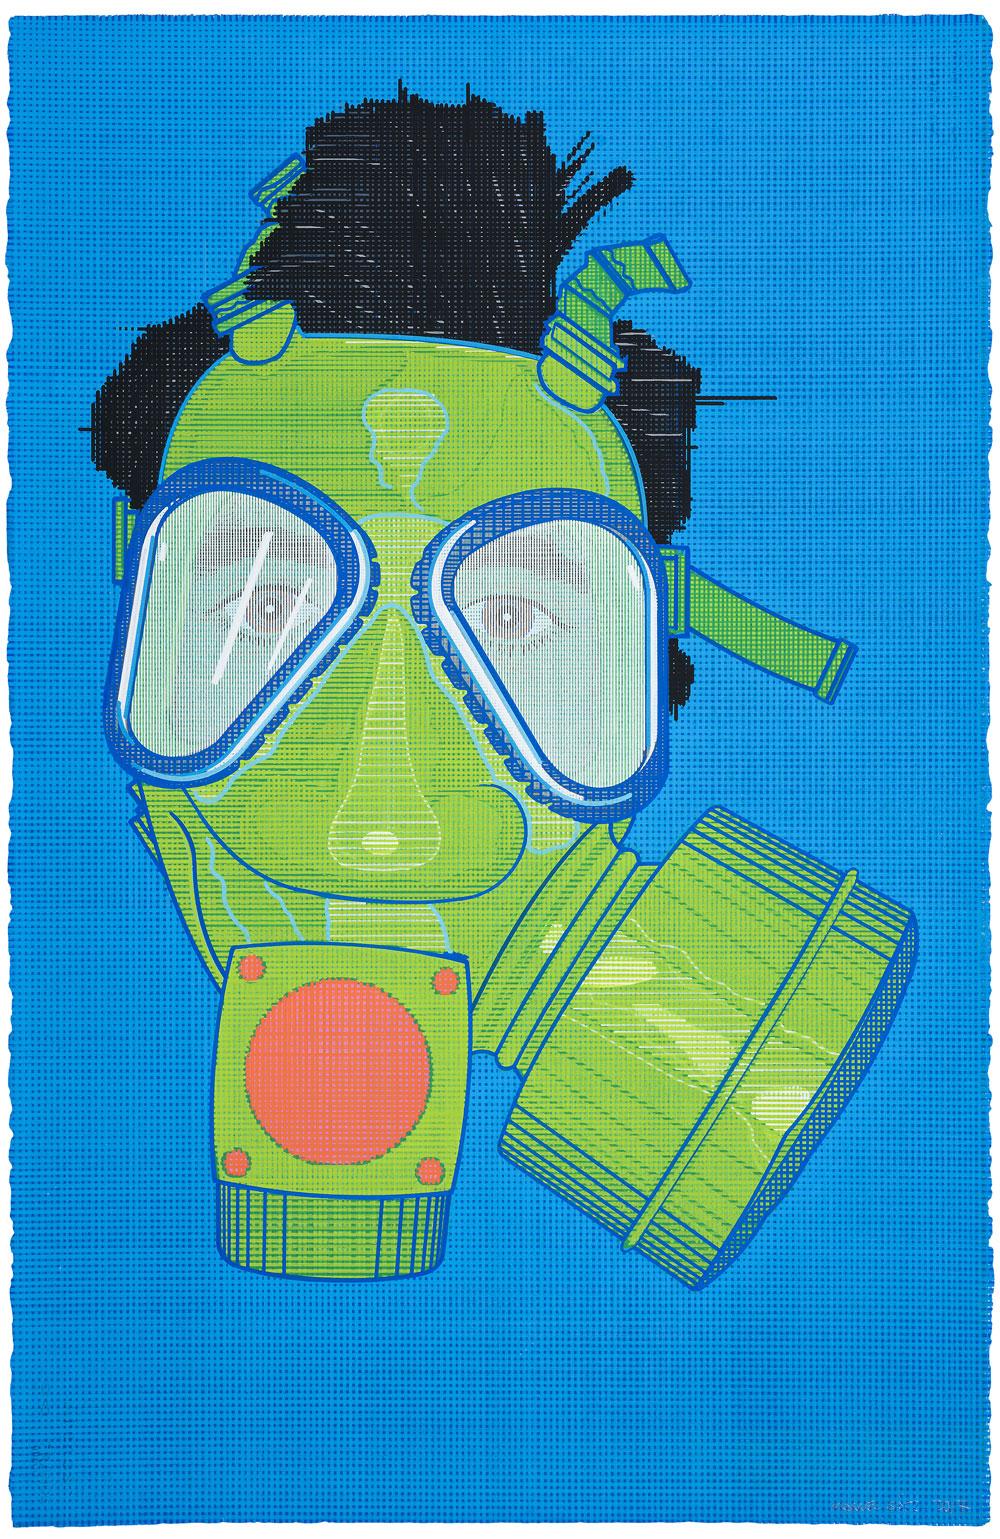 La noche de las cien cabezas , 2017. Acuarela y témpera sobre papel, 102 x 66 cm.